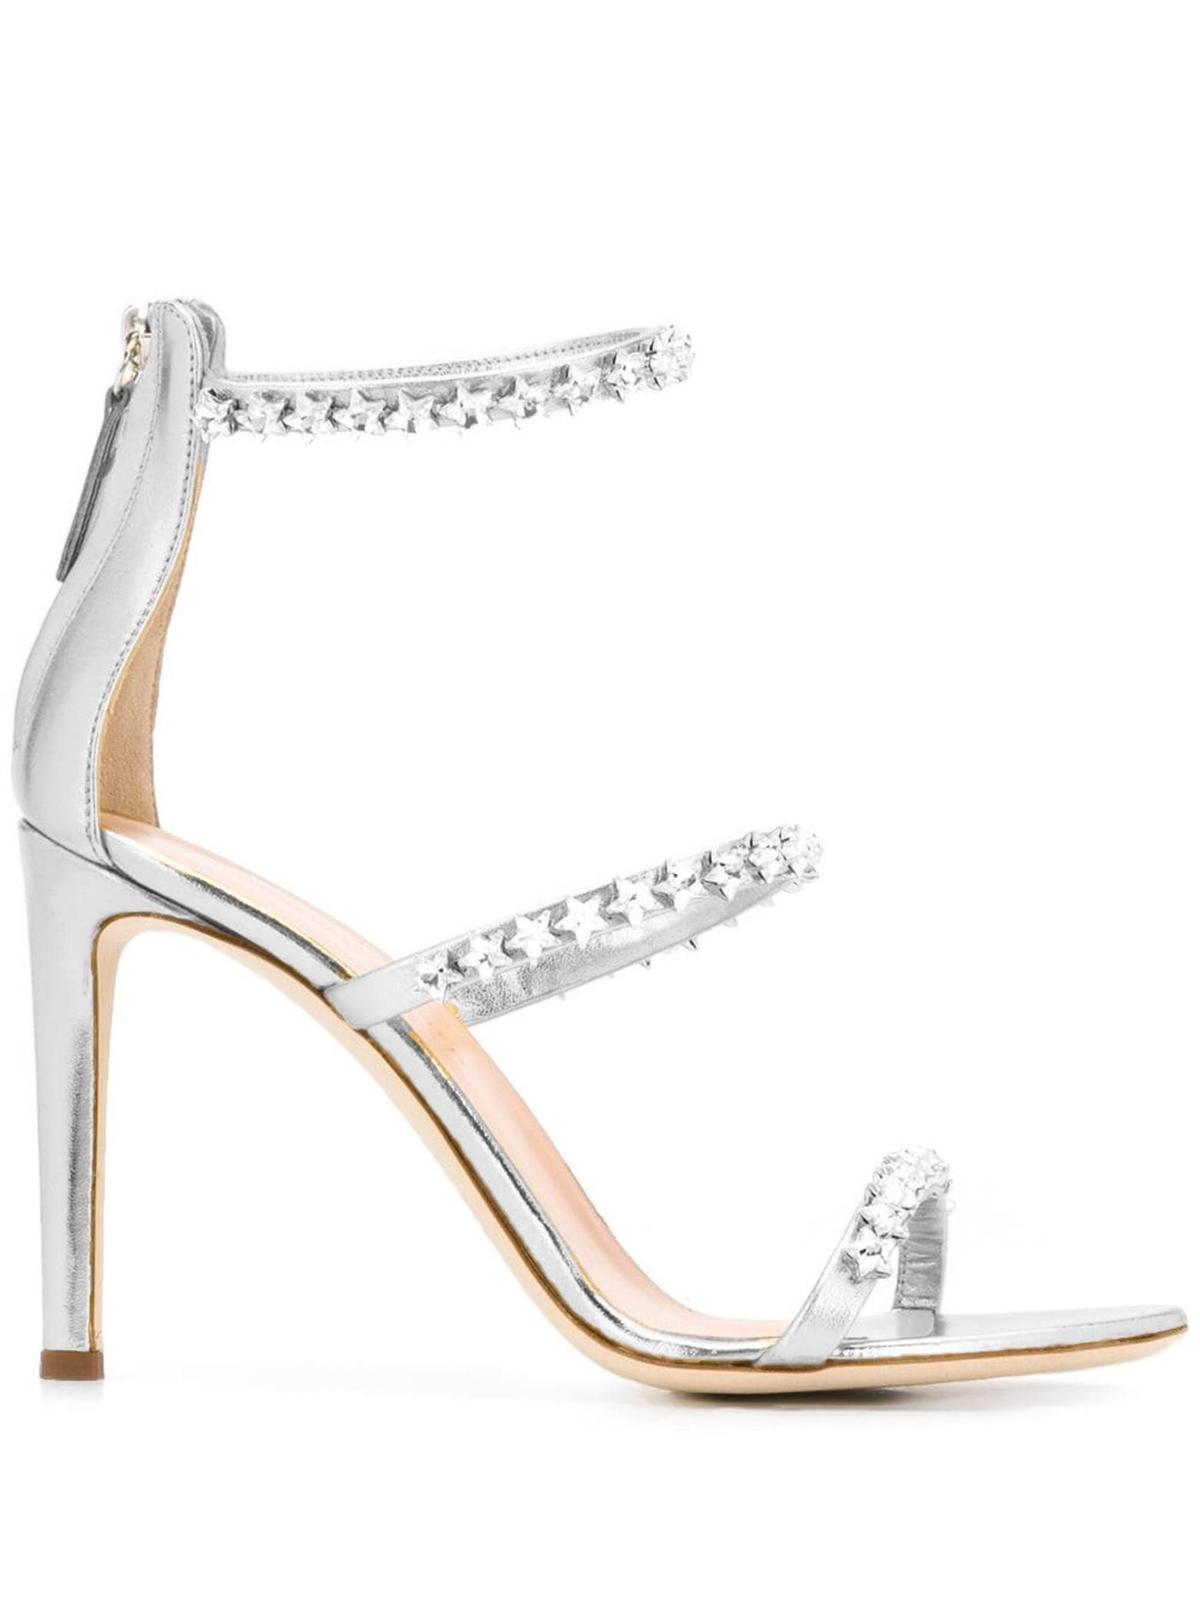 銀色Harmony Cometa高跟鞋,價格店洽GIUSEPPE ZANOTTI。(GIUSEPPE ZANOTTI提供)